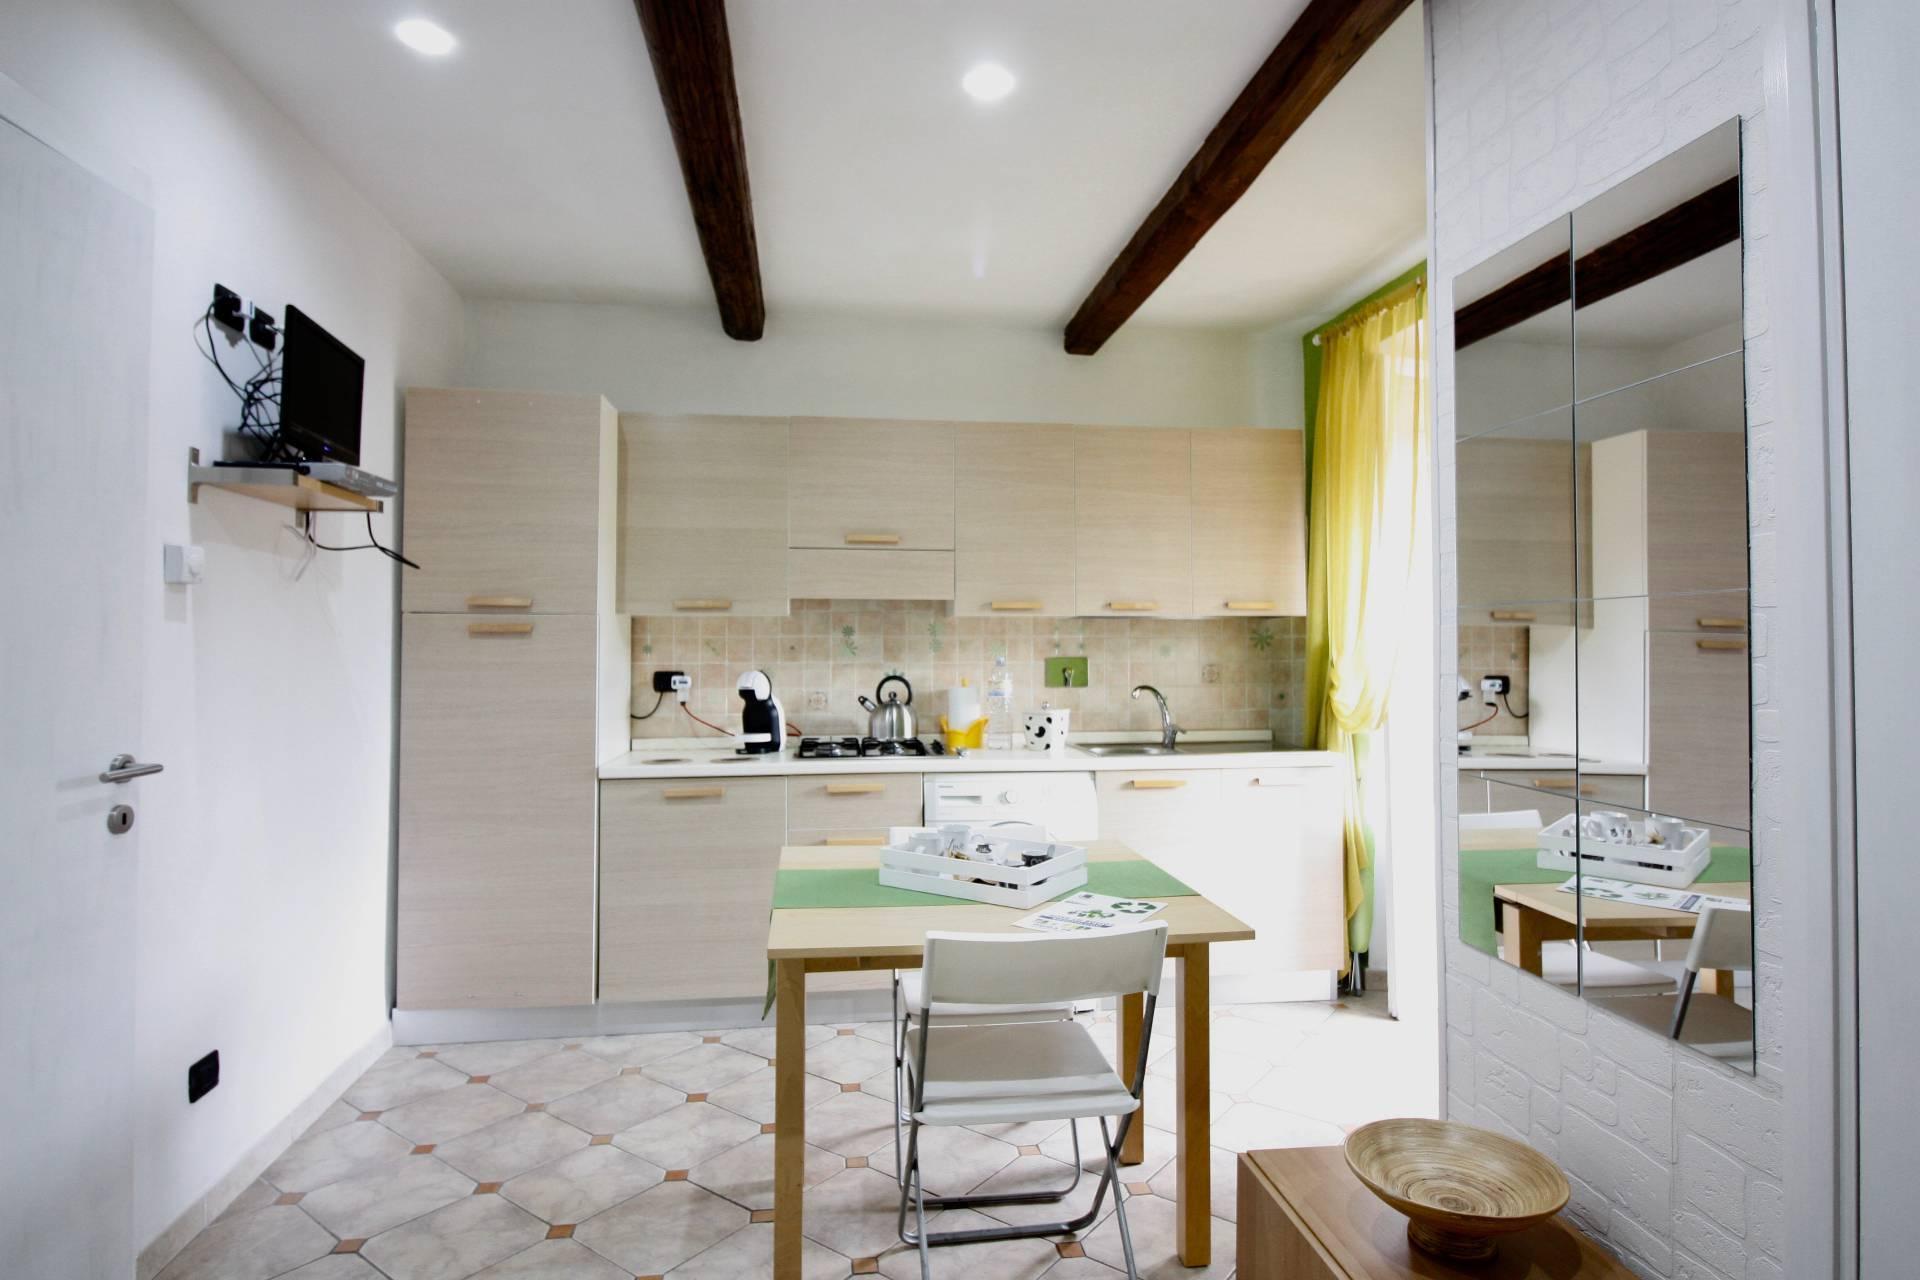 Appartamento in vendita a Ronciglione, 2 locali, zona Località: centrale, prezzo € 55.000   CambioCasa.it